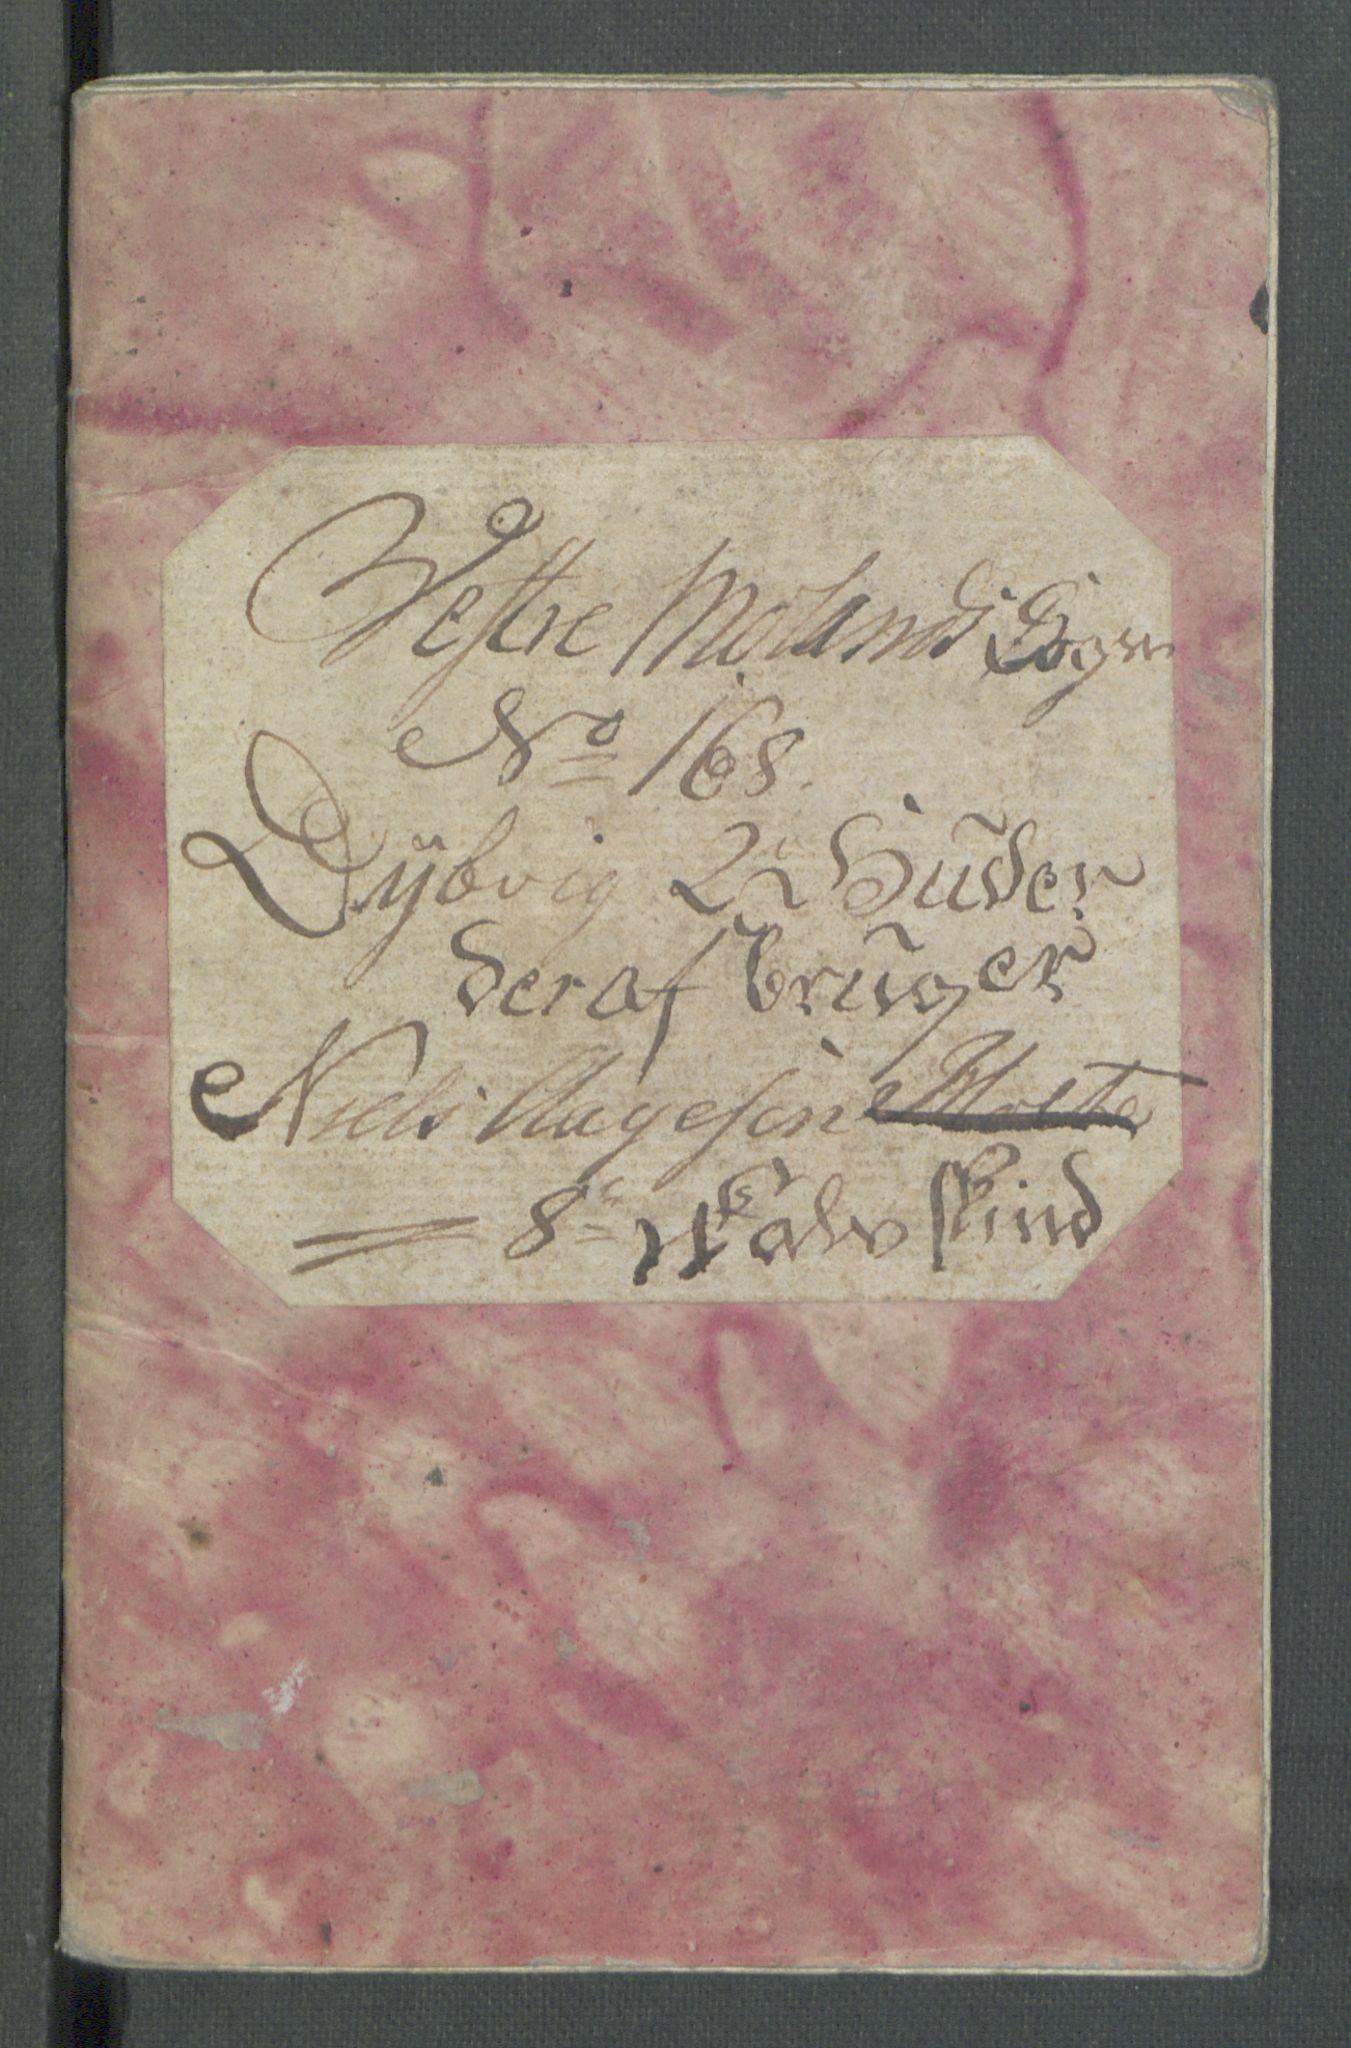 RA, Rentekammeret inntil 1814, Realistisk ordnet avdeling, Od/L0001: Oppløp, 1786-1769, s. 354